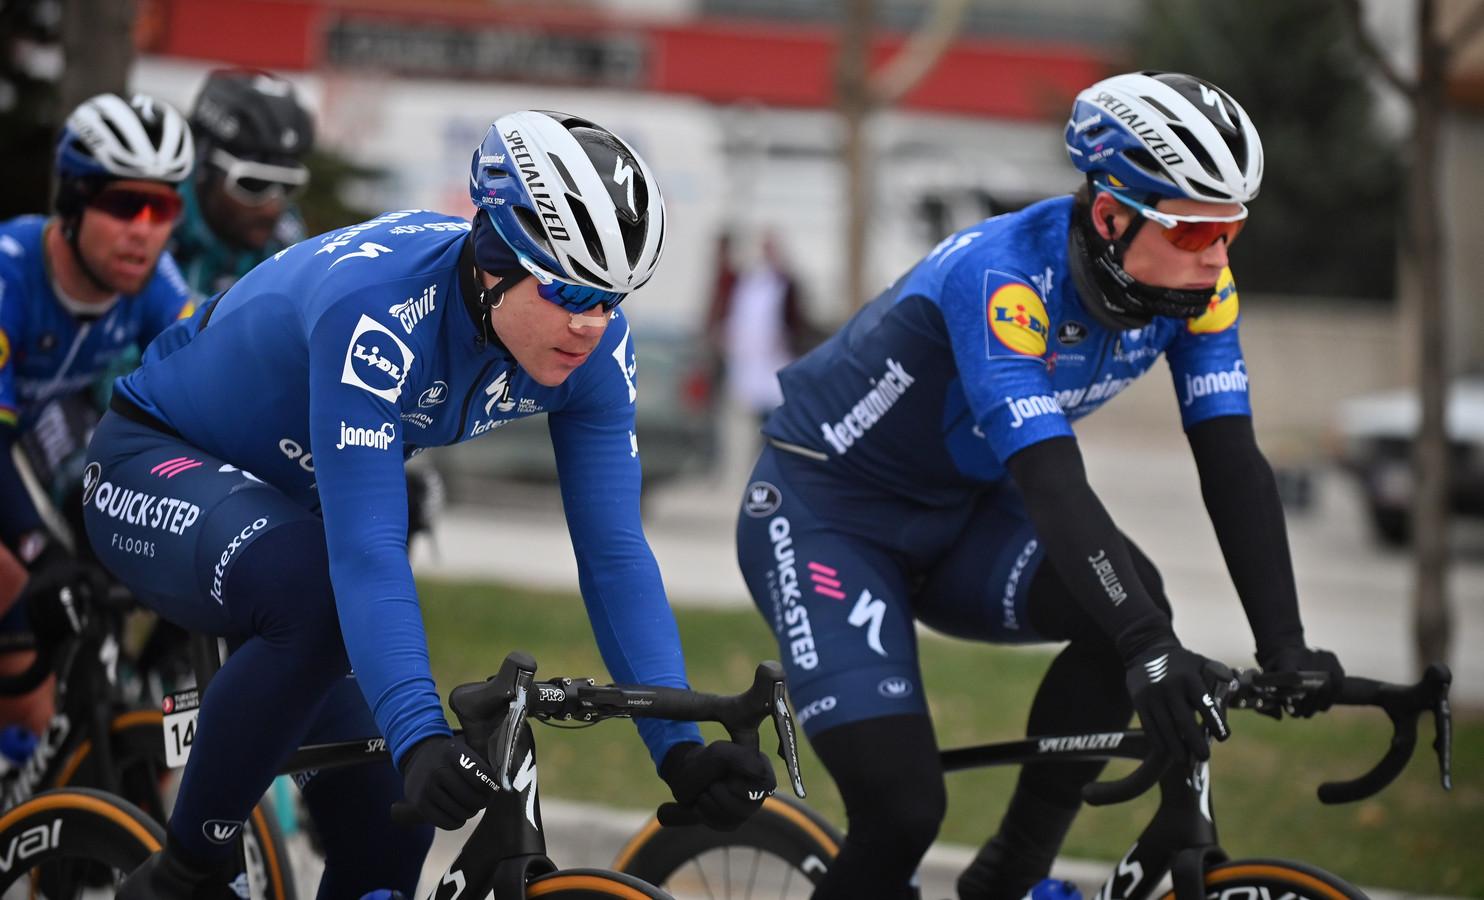 Fabio Jakobsen (l) naast ploeggenoot Stijn Steels.